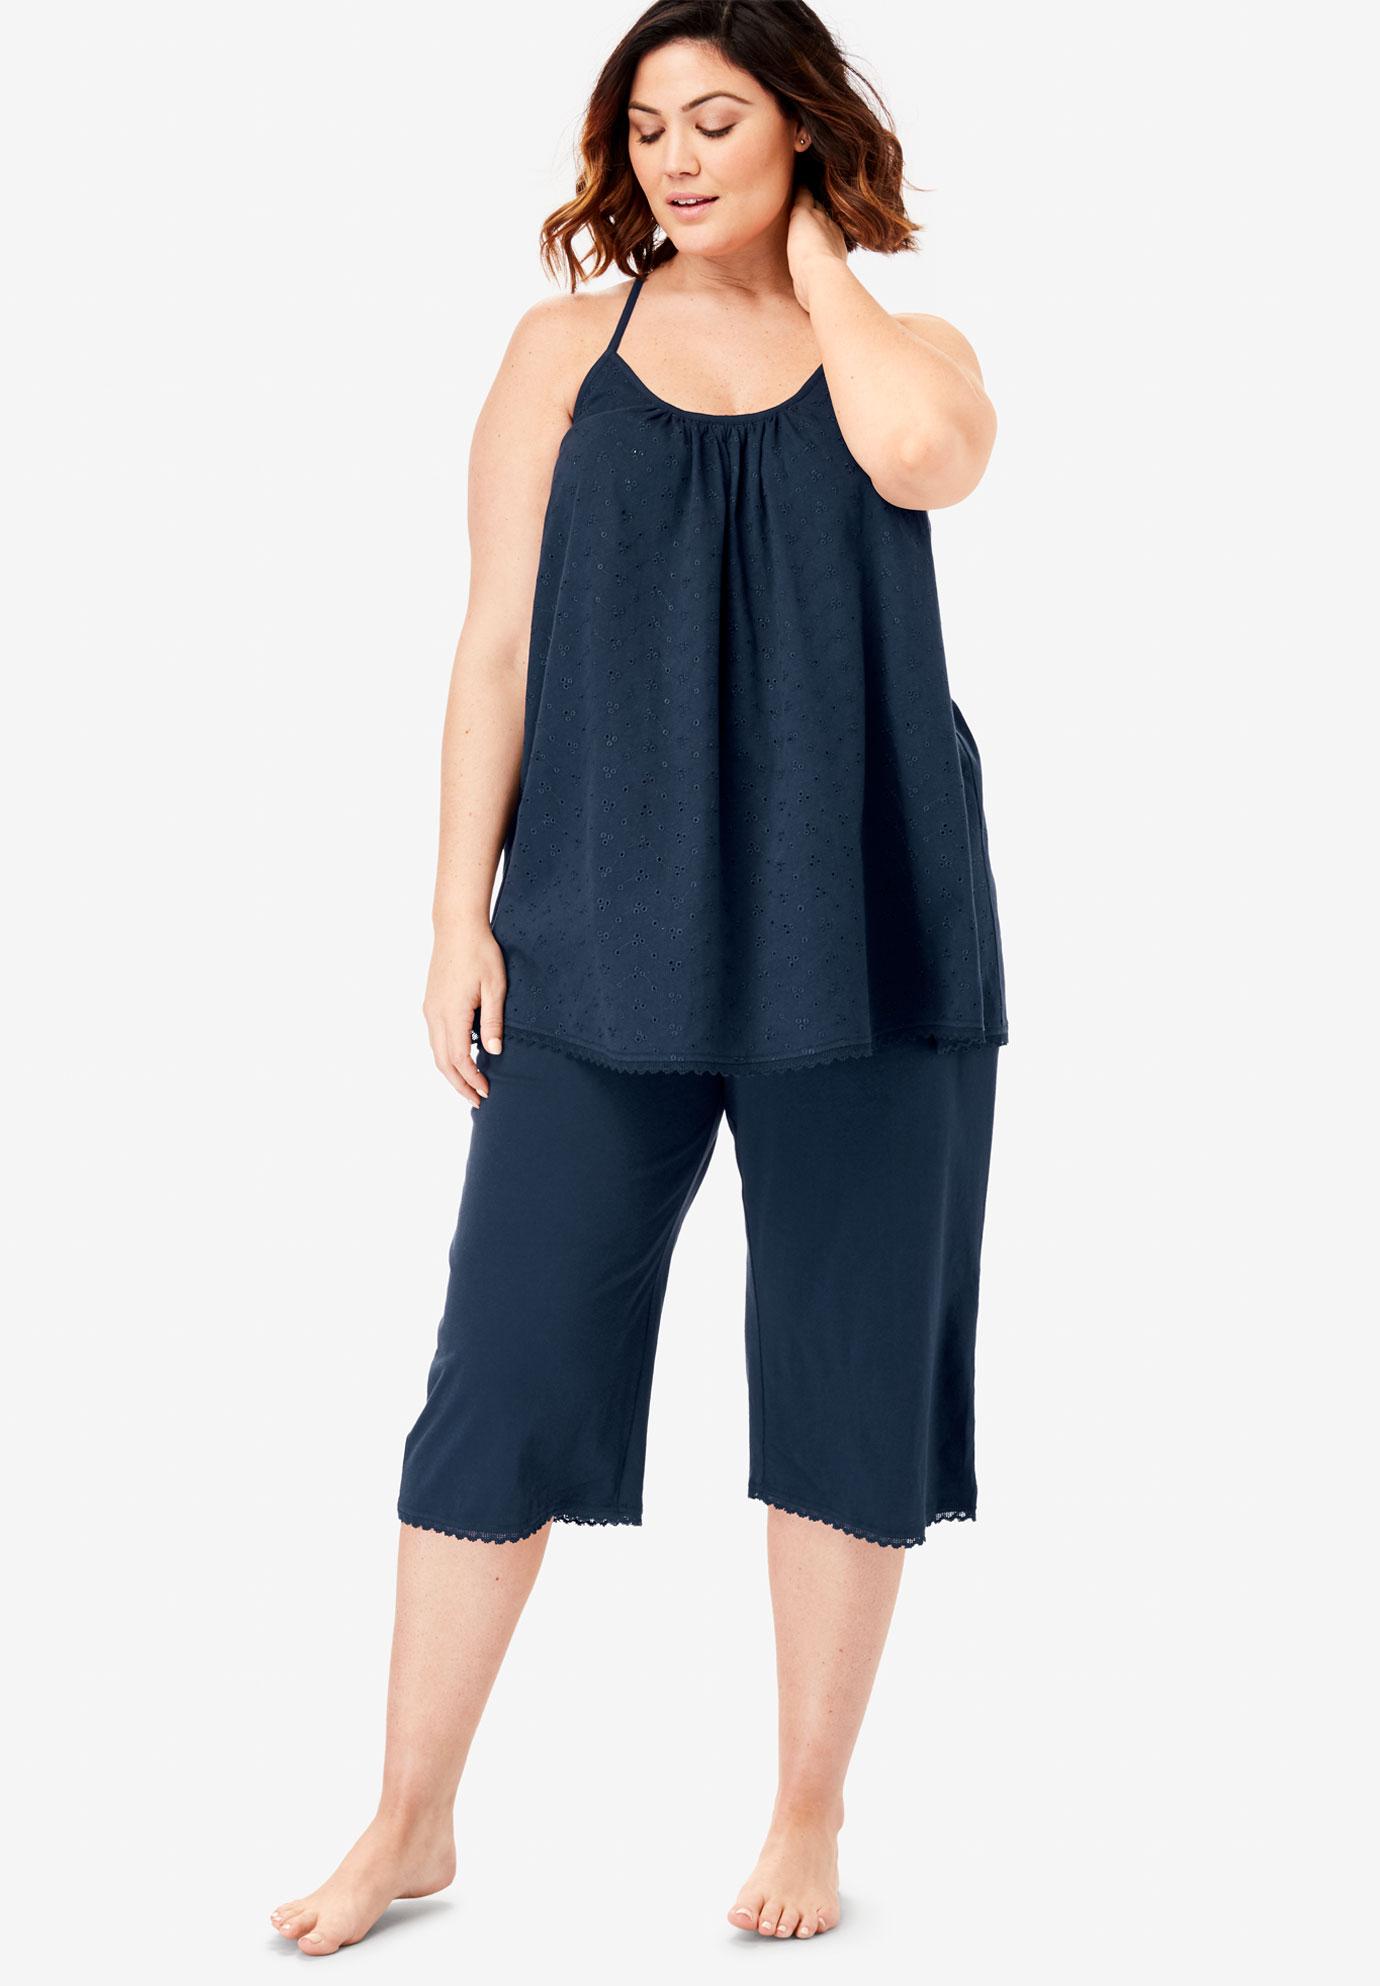 a01fdb017386f Breezy Eyelet Knit Tank & Capri PJ Set by Dreams & Co.®| Plus Size ...